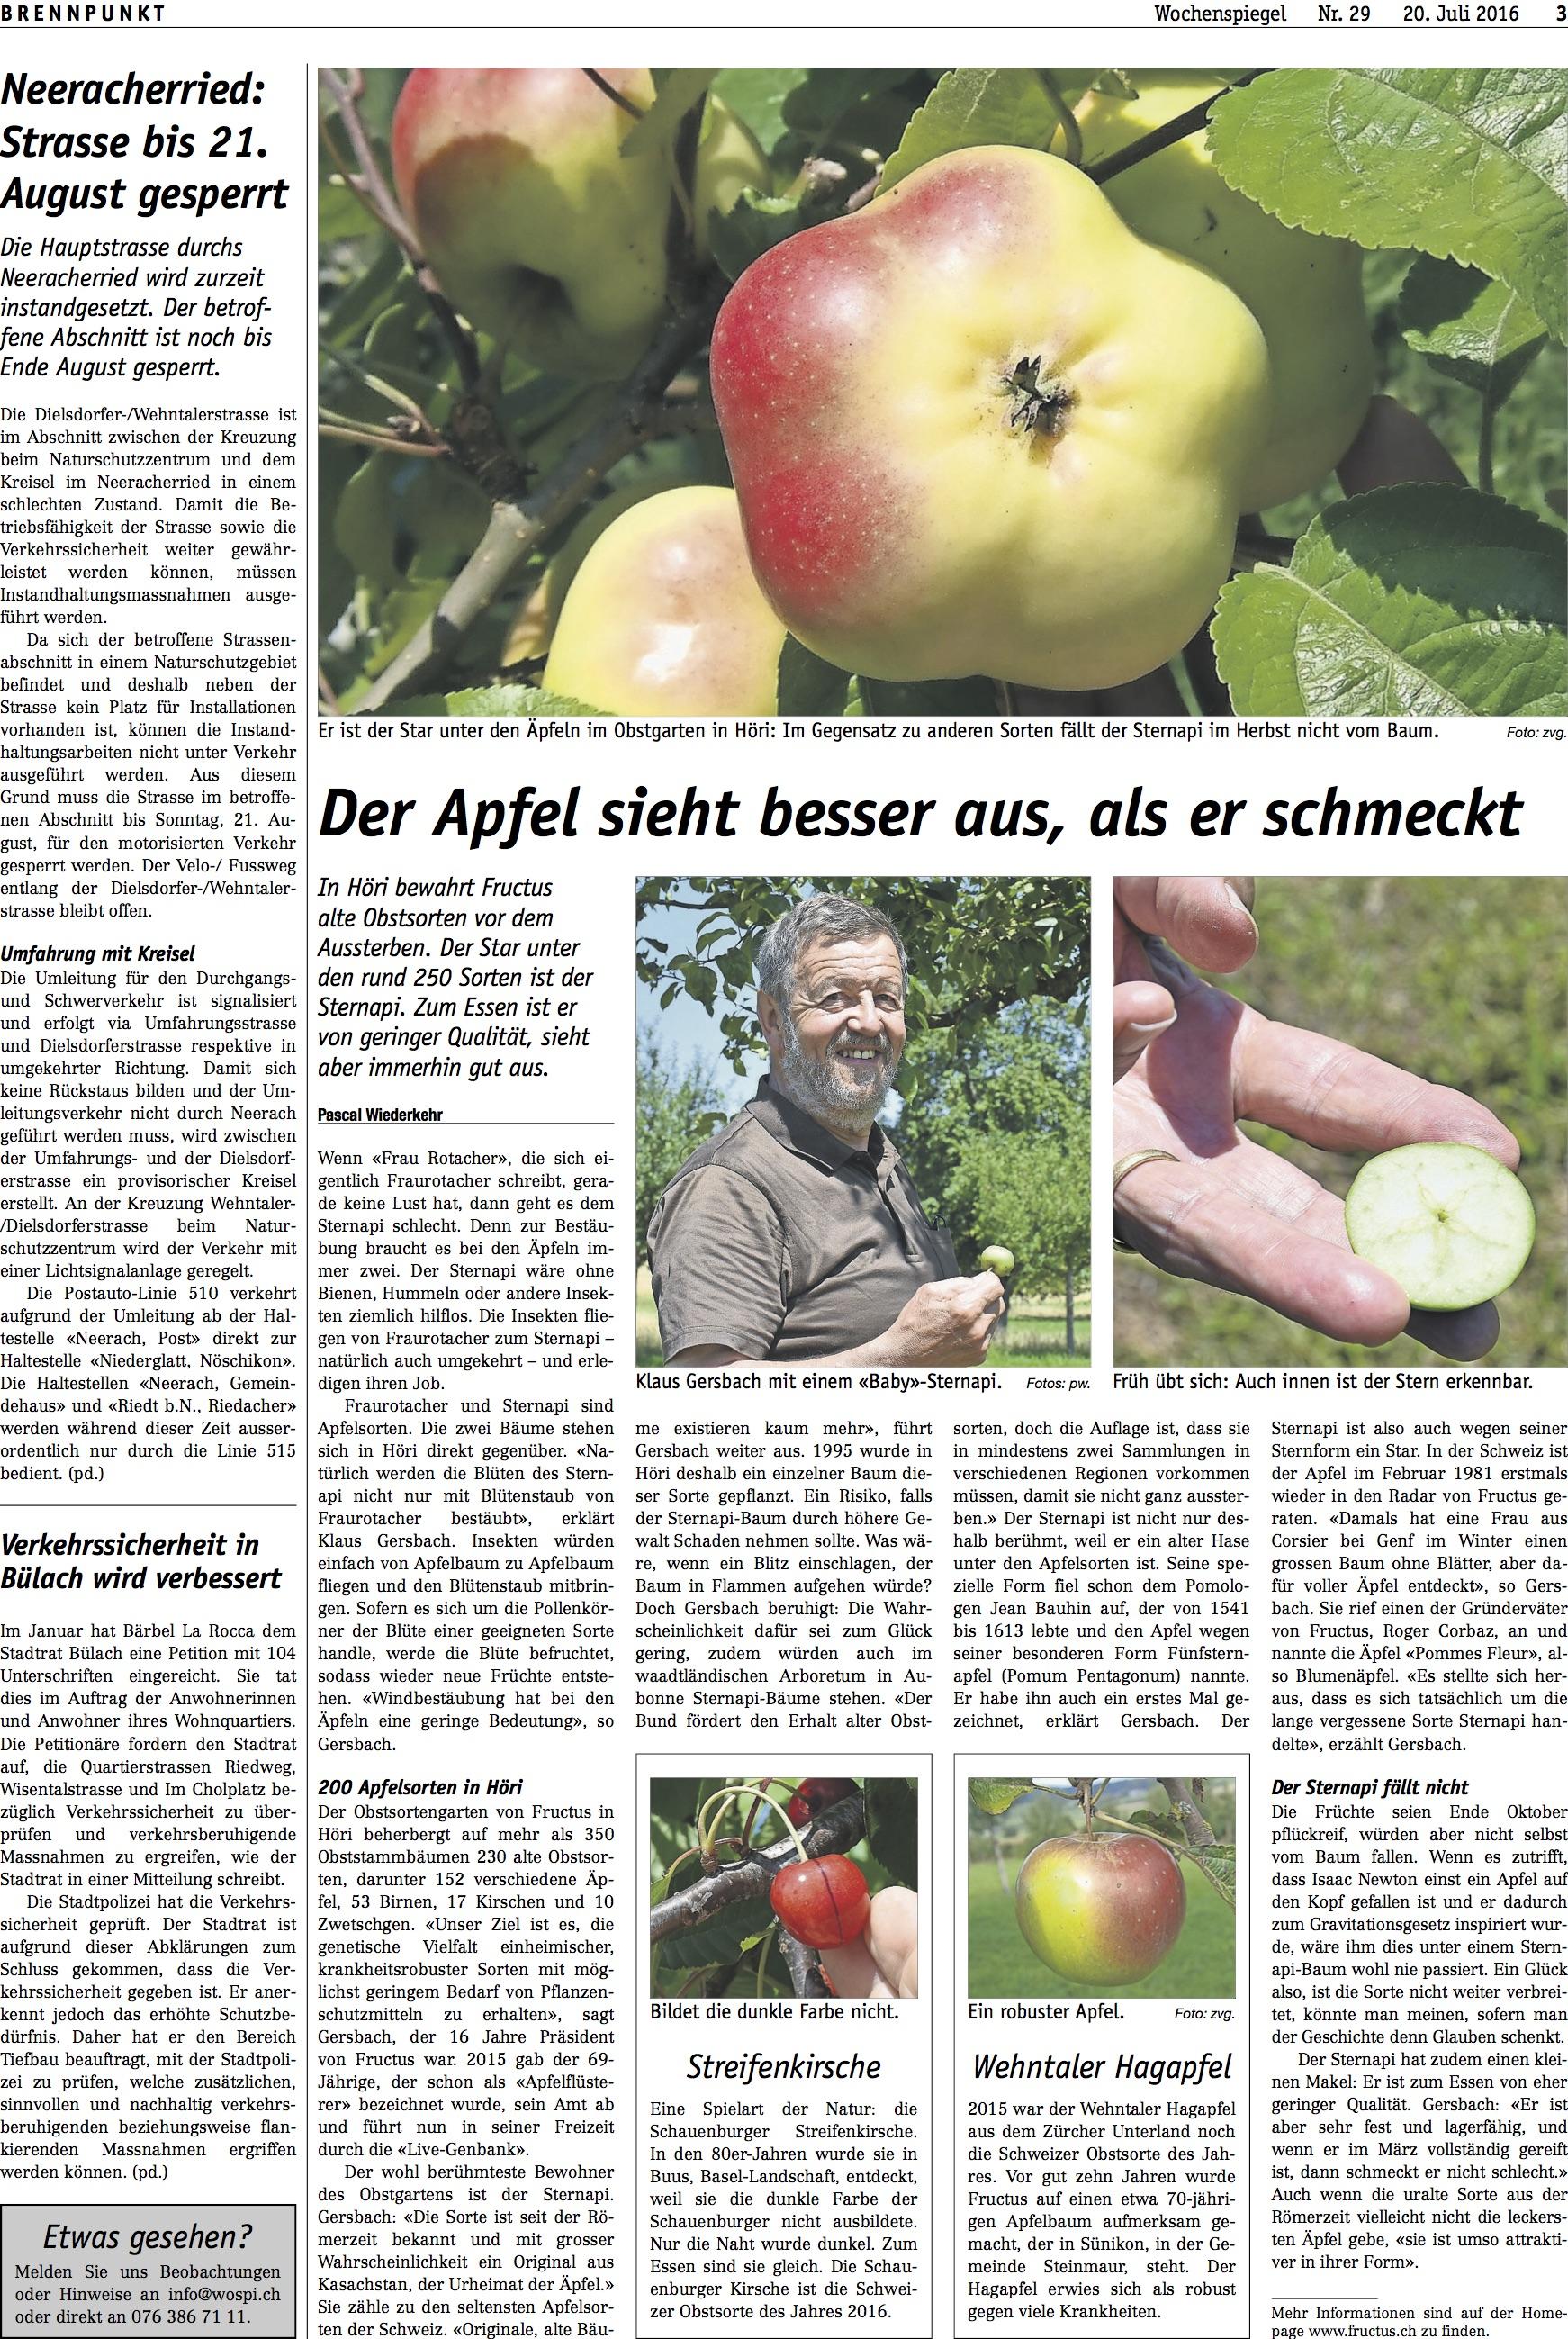 Wochenspiegel: «Der Apfel sieht besser aus, als er schmeckt»